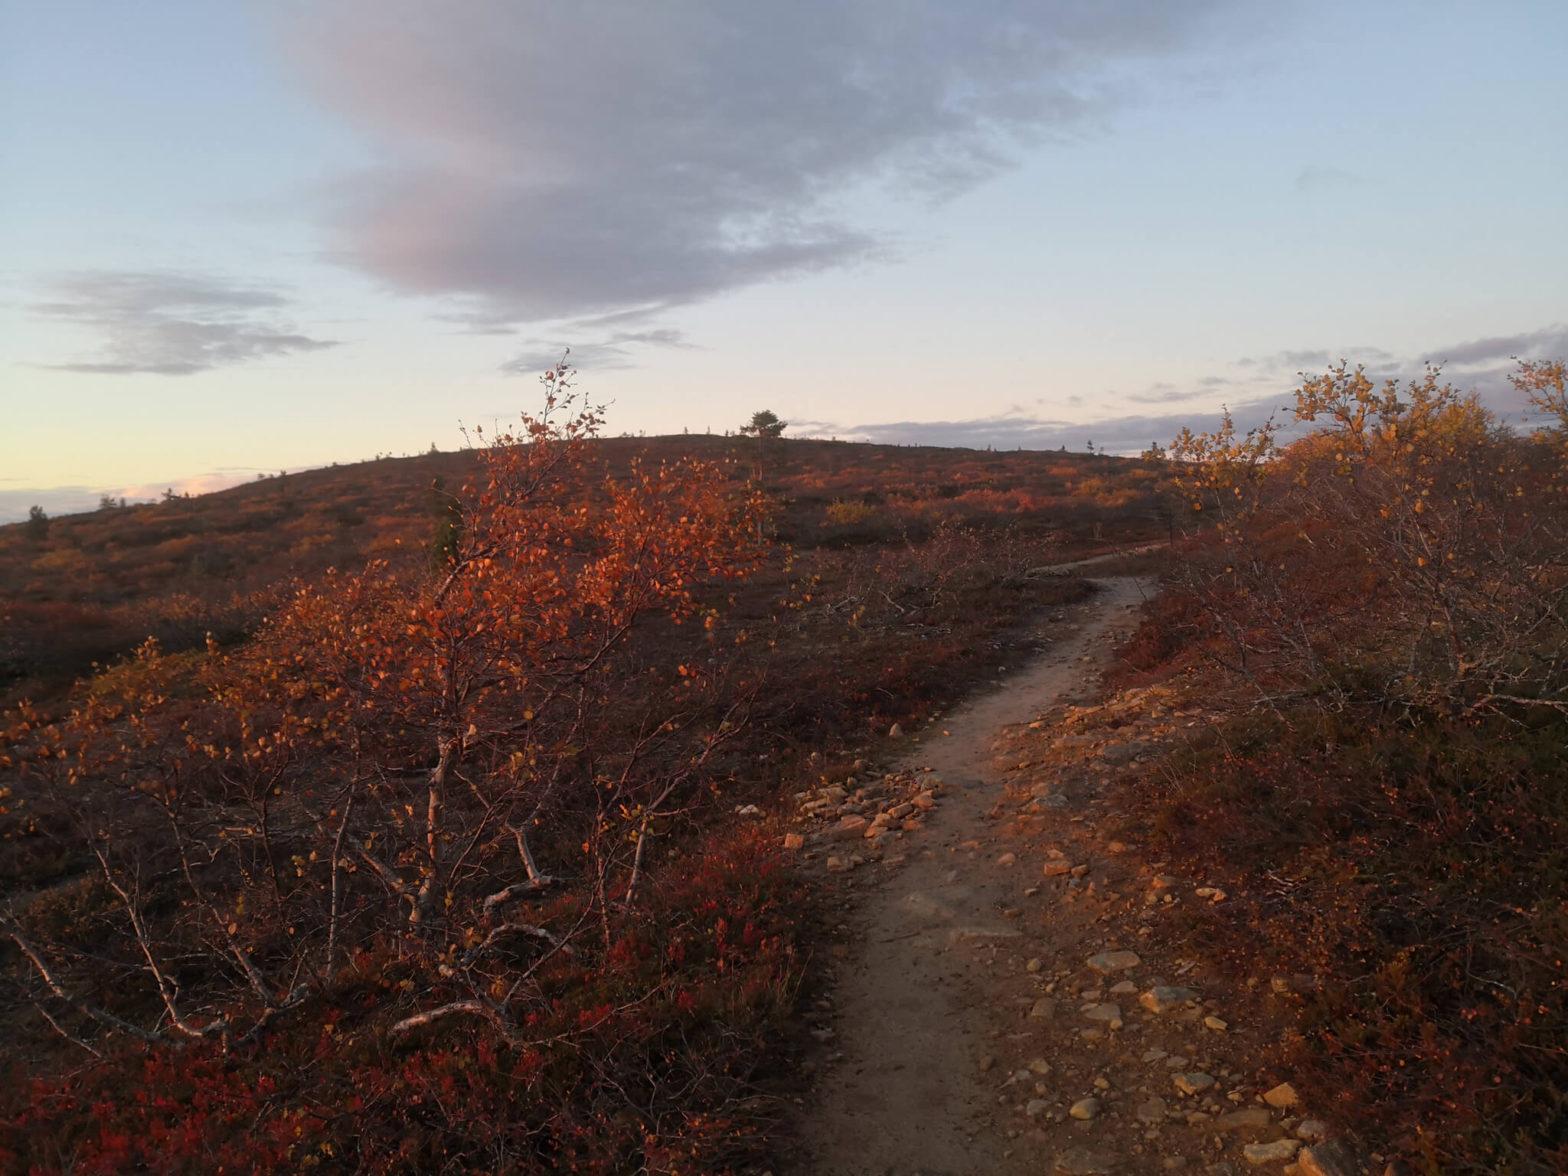 Ruska-ajan polkujuoksuvaellus, Urho Kekkosen kansallispuisto 10.–12.9.2021